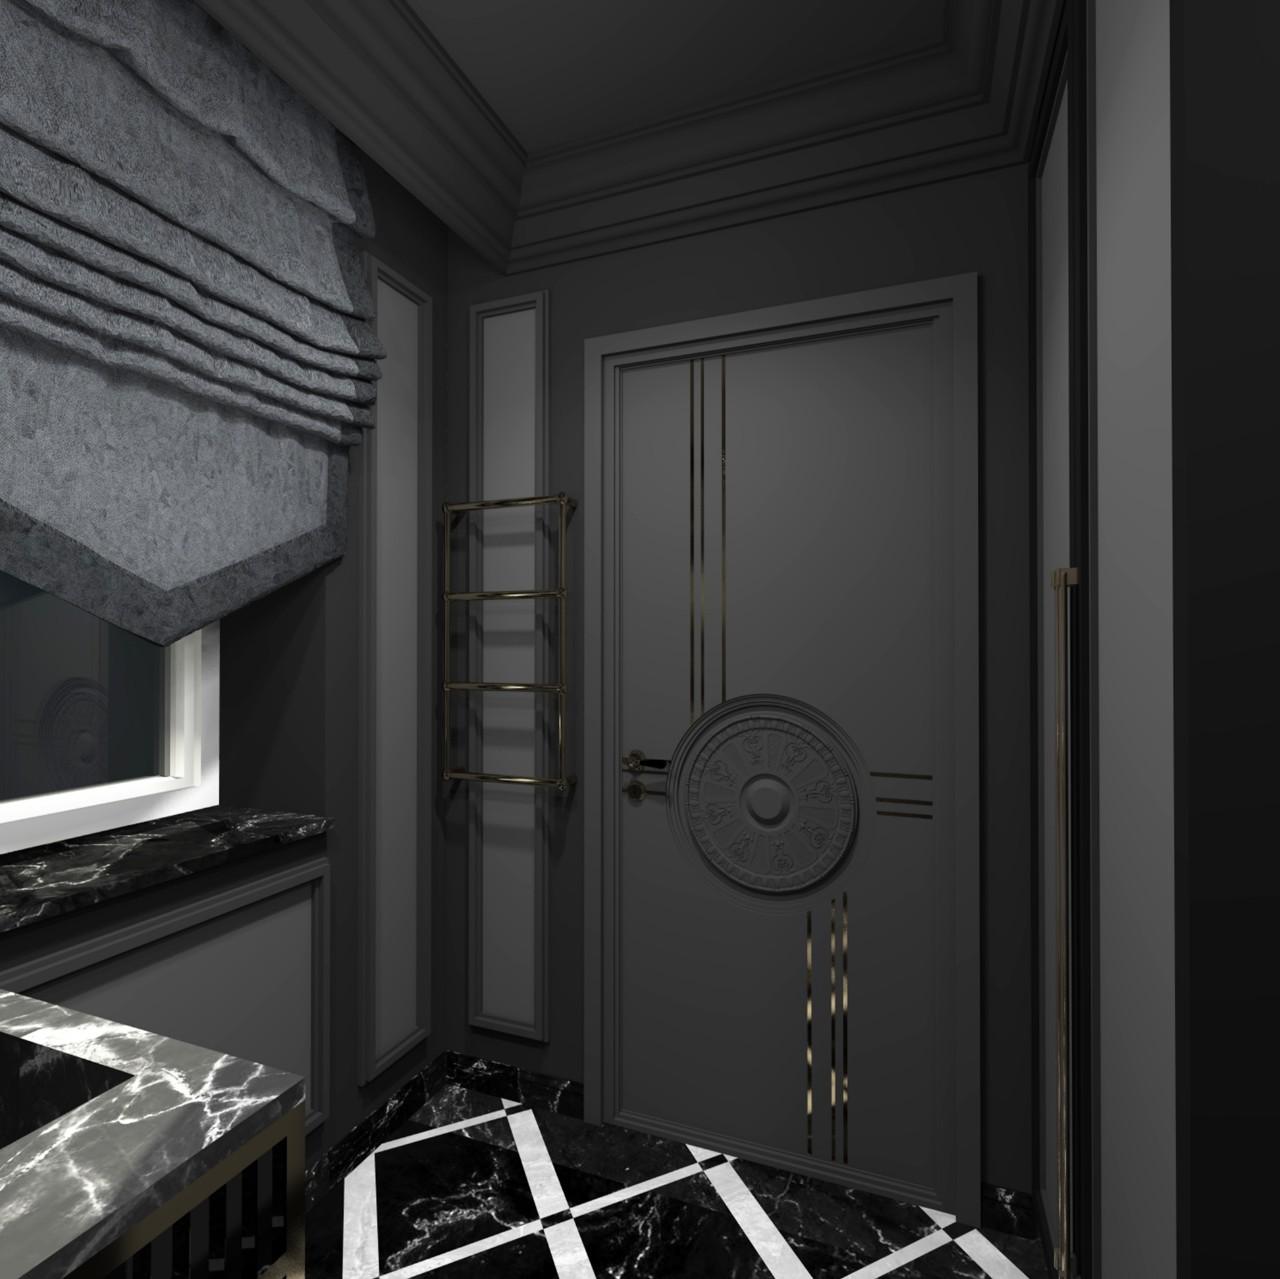 Rūsio interjeras voniai